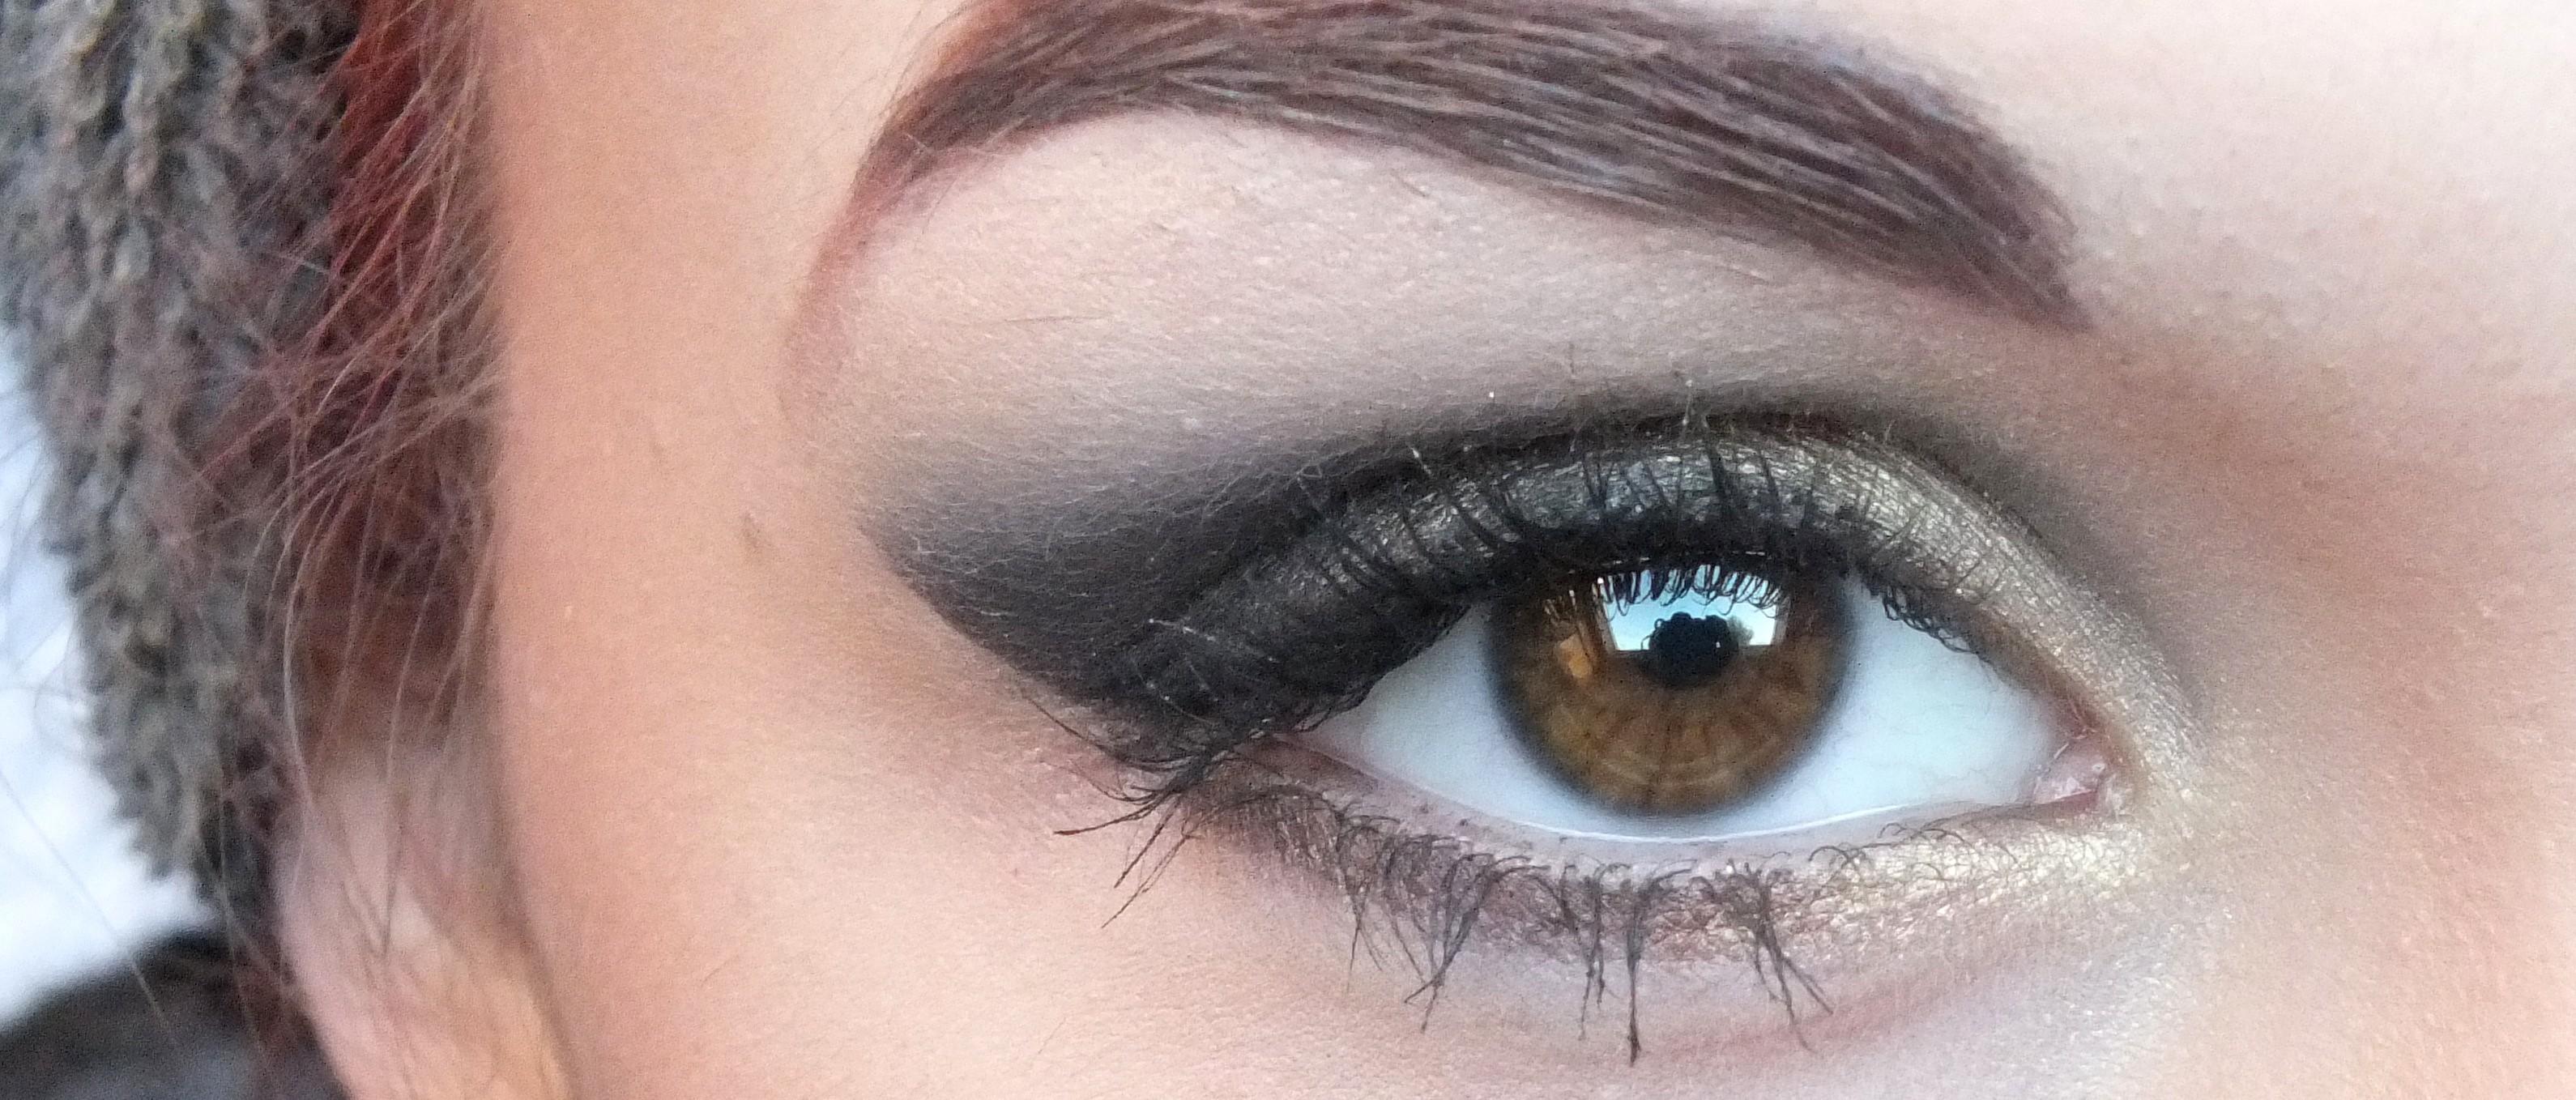 maquillage des yeux j 39 ai une couleur atypique. Black Bedroom Furniture Sets. Home Design Ideas